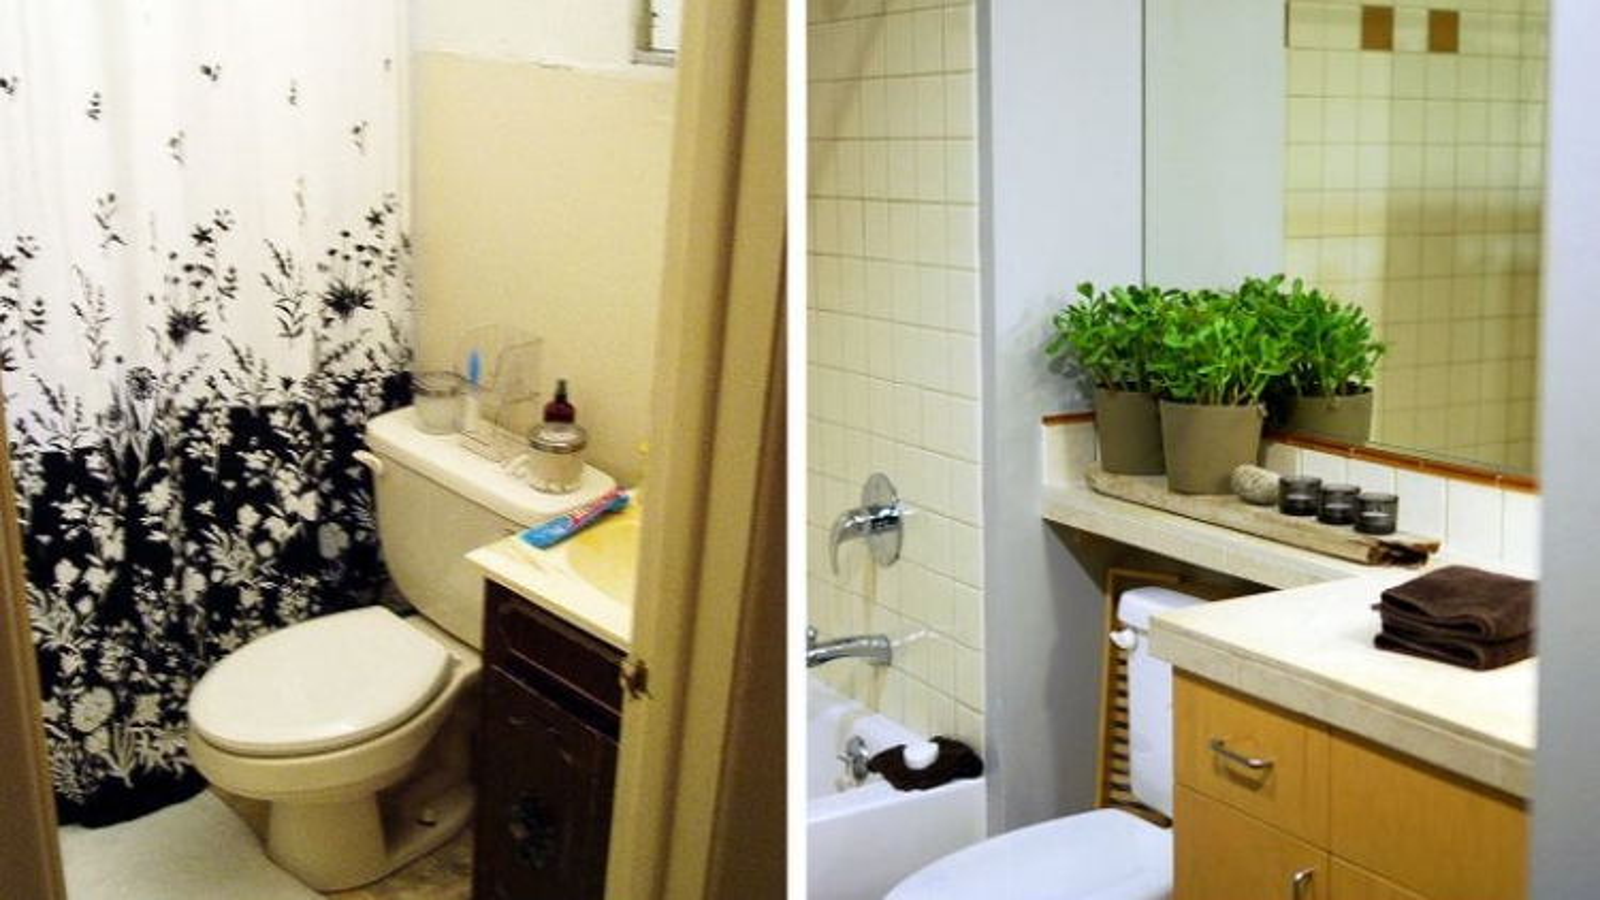 Những cách đơn giản mà hiệu quả giúp nhà tắm của bạn như ở spa